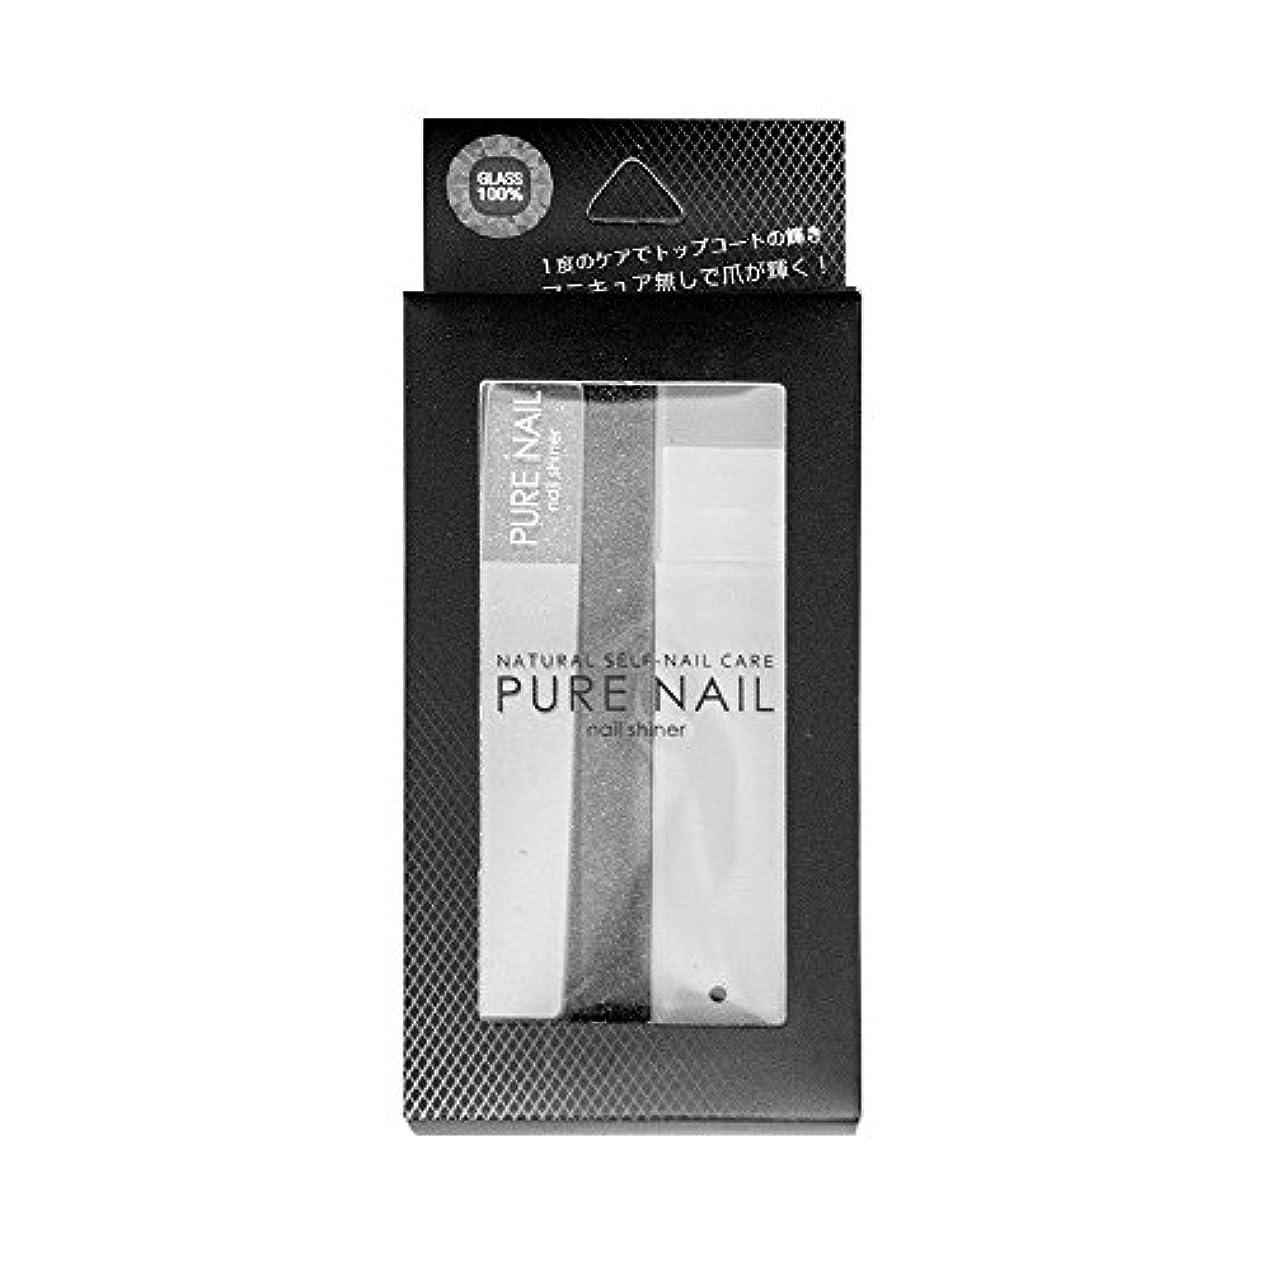 ピュアネイル PURE NAIL ガラス製 爪磨き 爪ヤスリ ガラス 爪みがき 爪やすり ネイルケア